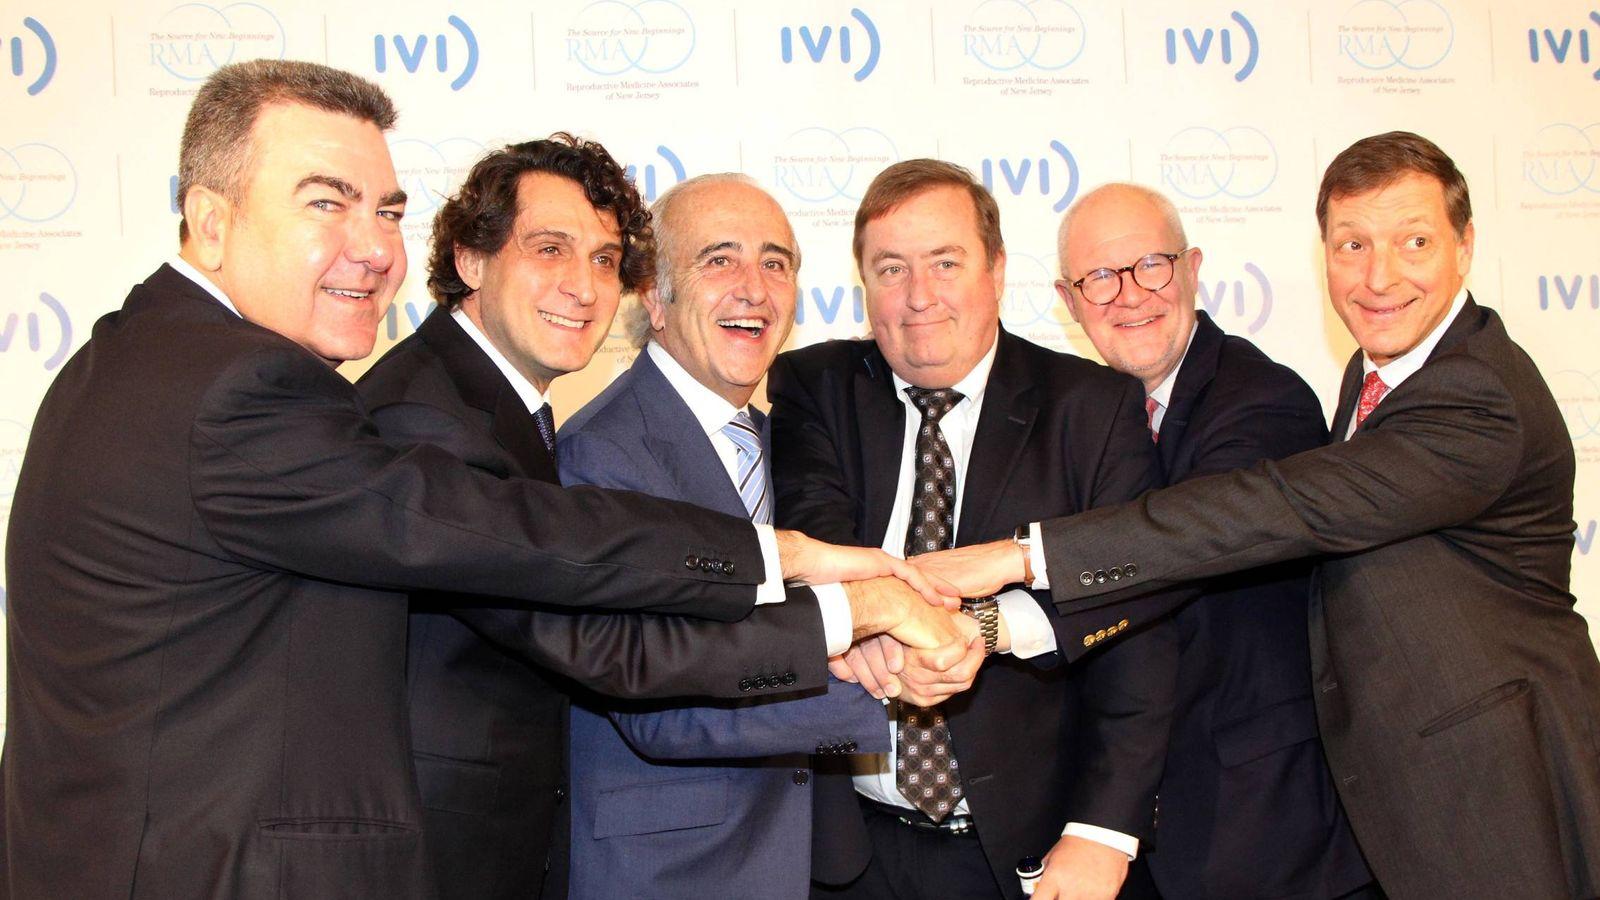 Foto: Bertomeu, Remohí, Pellicer, Scott, Bergh y Drews, tras presentar la fusión entre IVI y RMANJ.